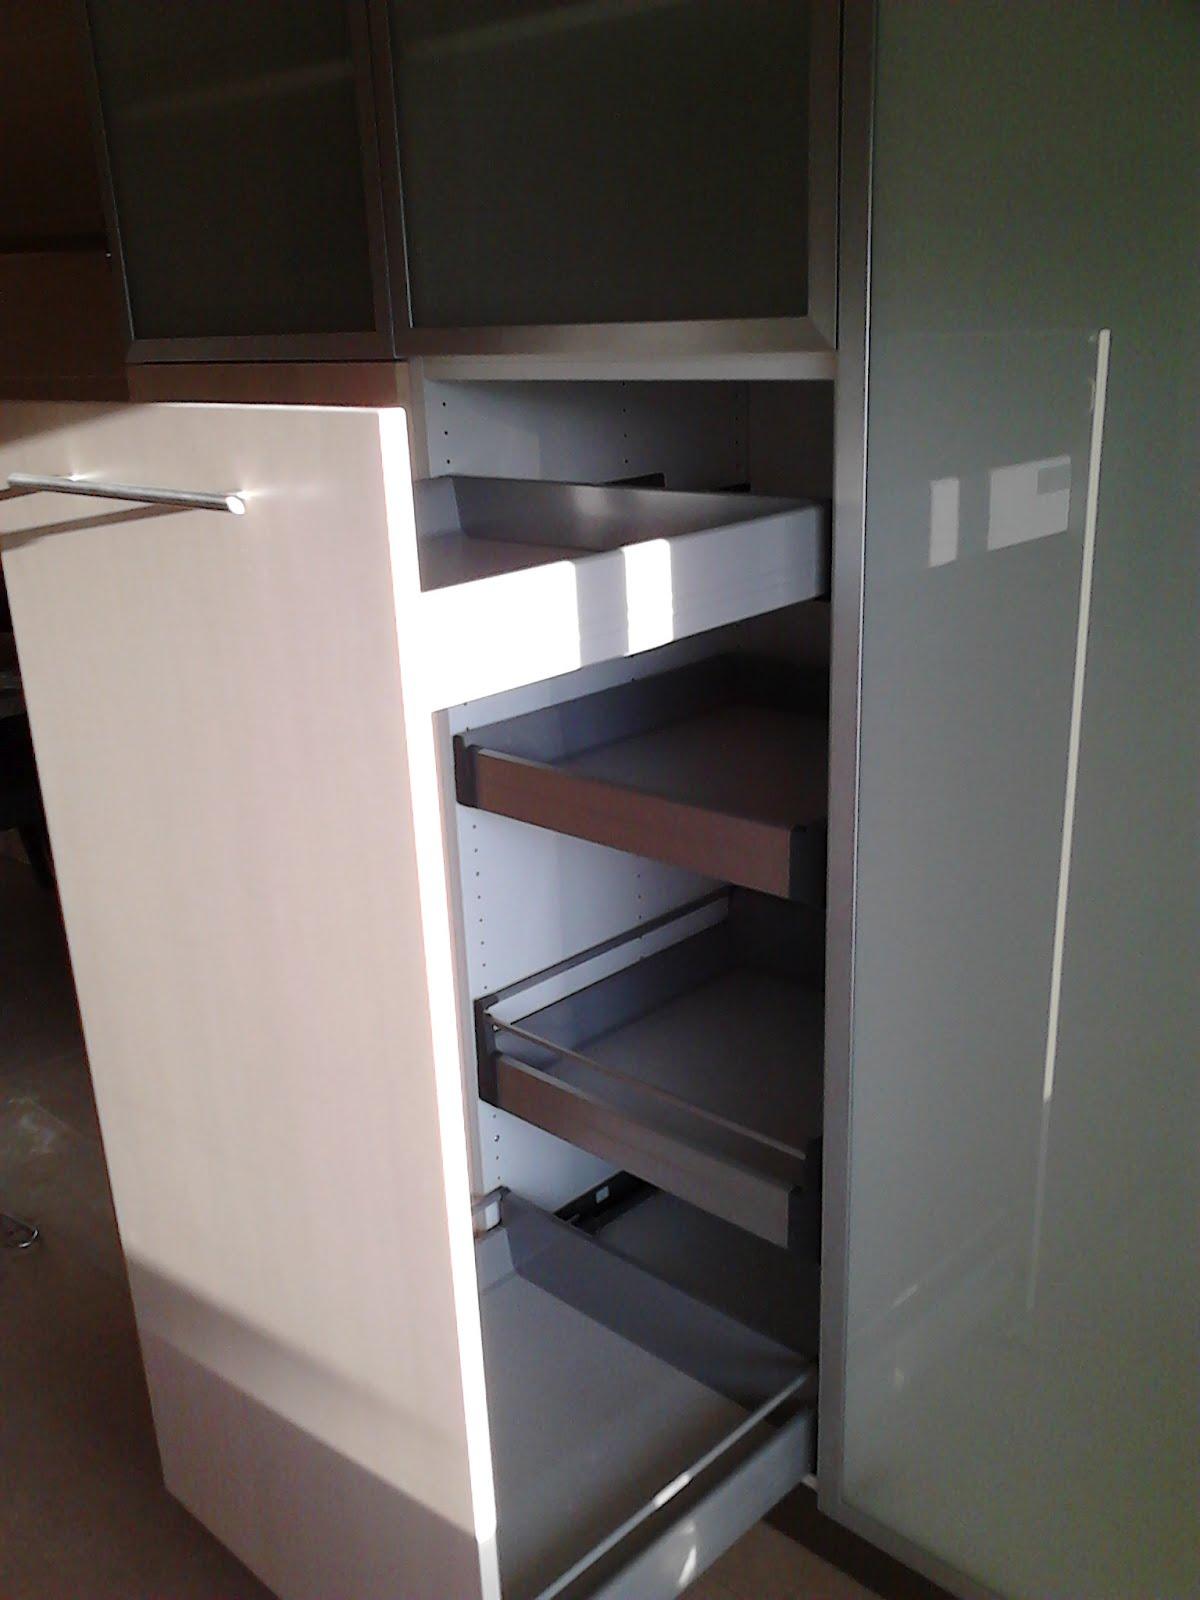 Construção Civil Unipessoal Lda: Montagem móveis cozinha Ikea #755E56 1200 1600